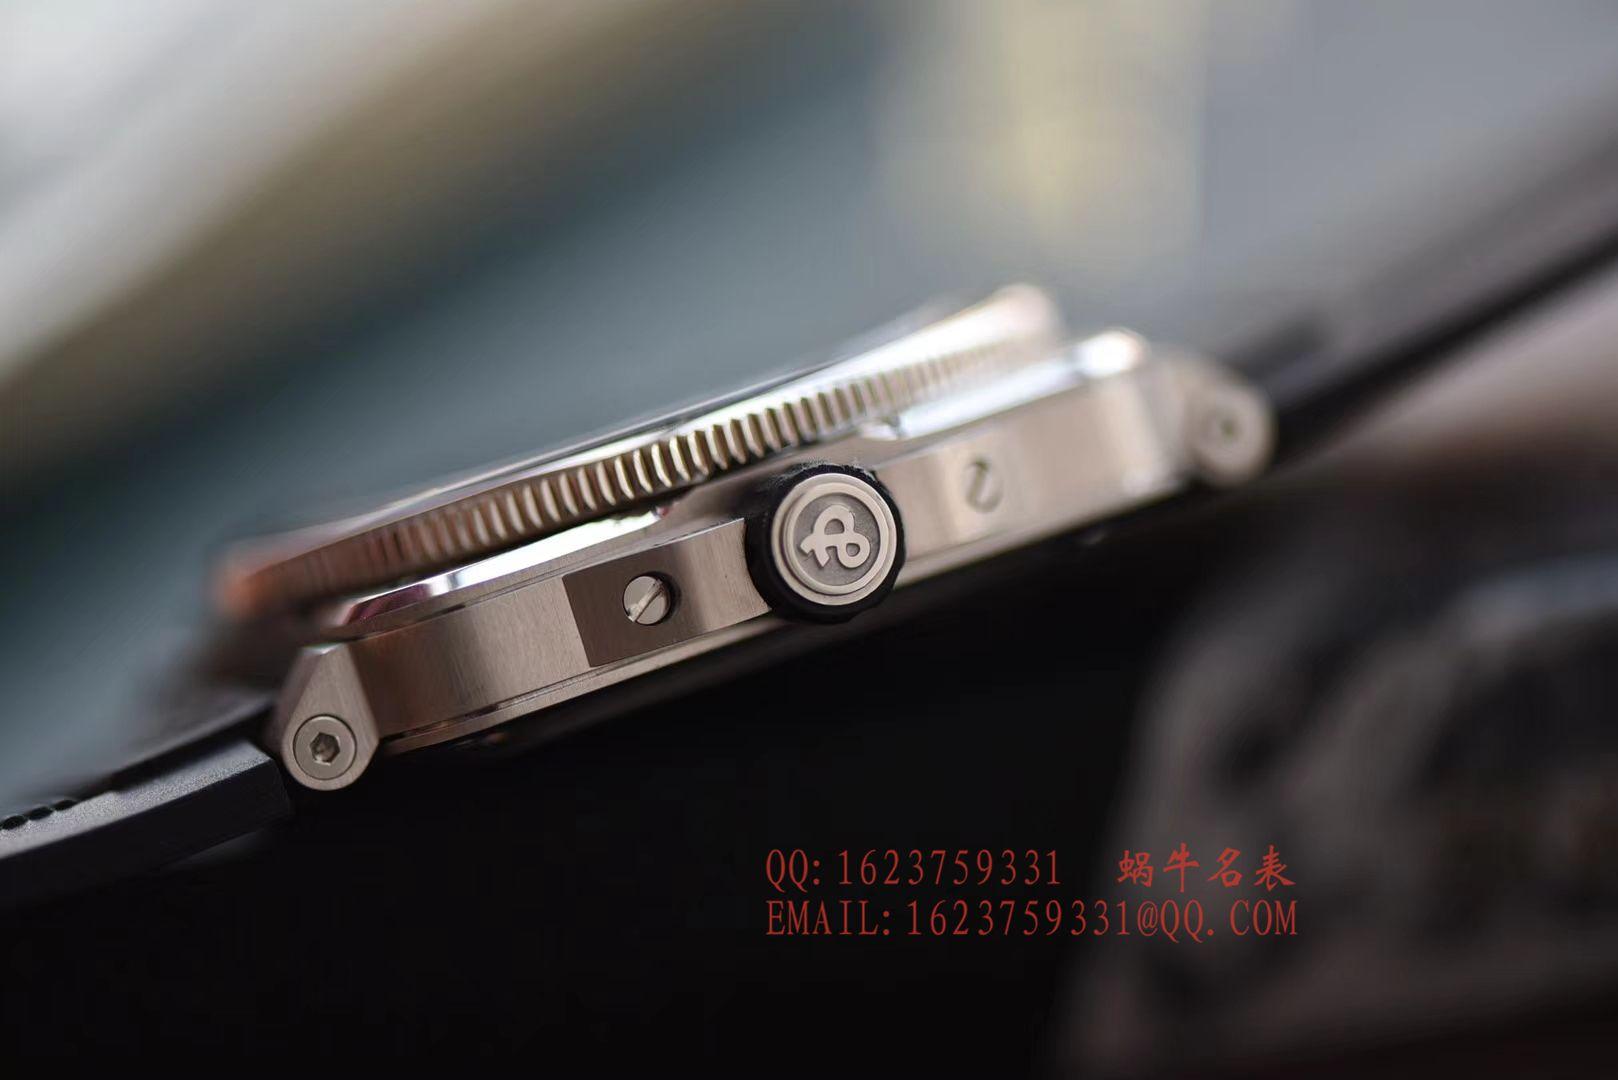 【BR一比一超A高仿手表】柏莱士INSTRUMENTS系列BR 03-92 DIVER腕表 / BLSBA014